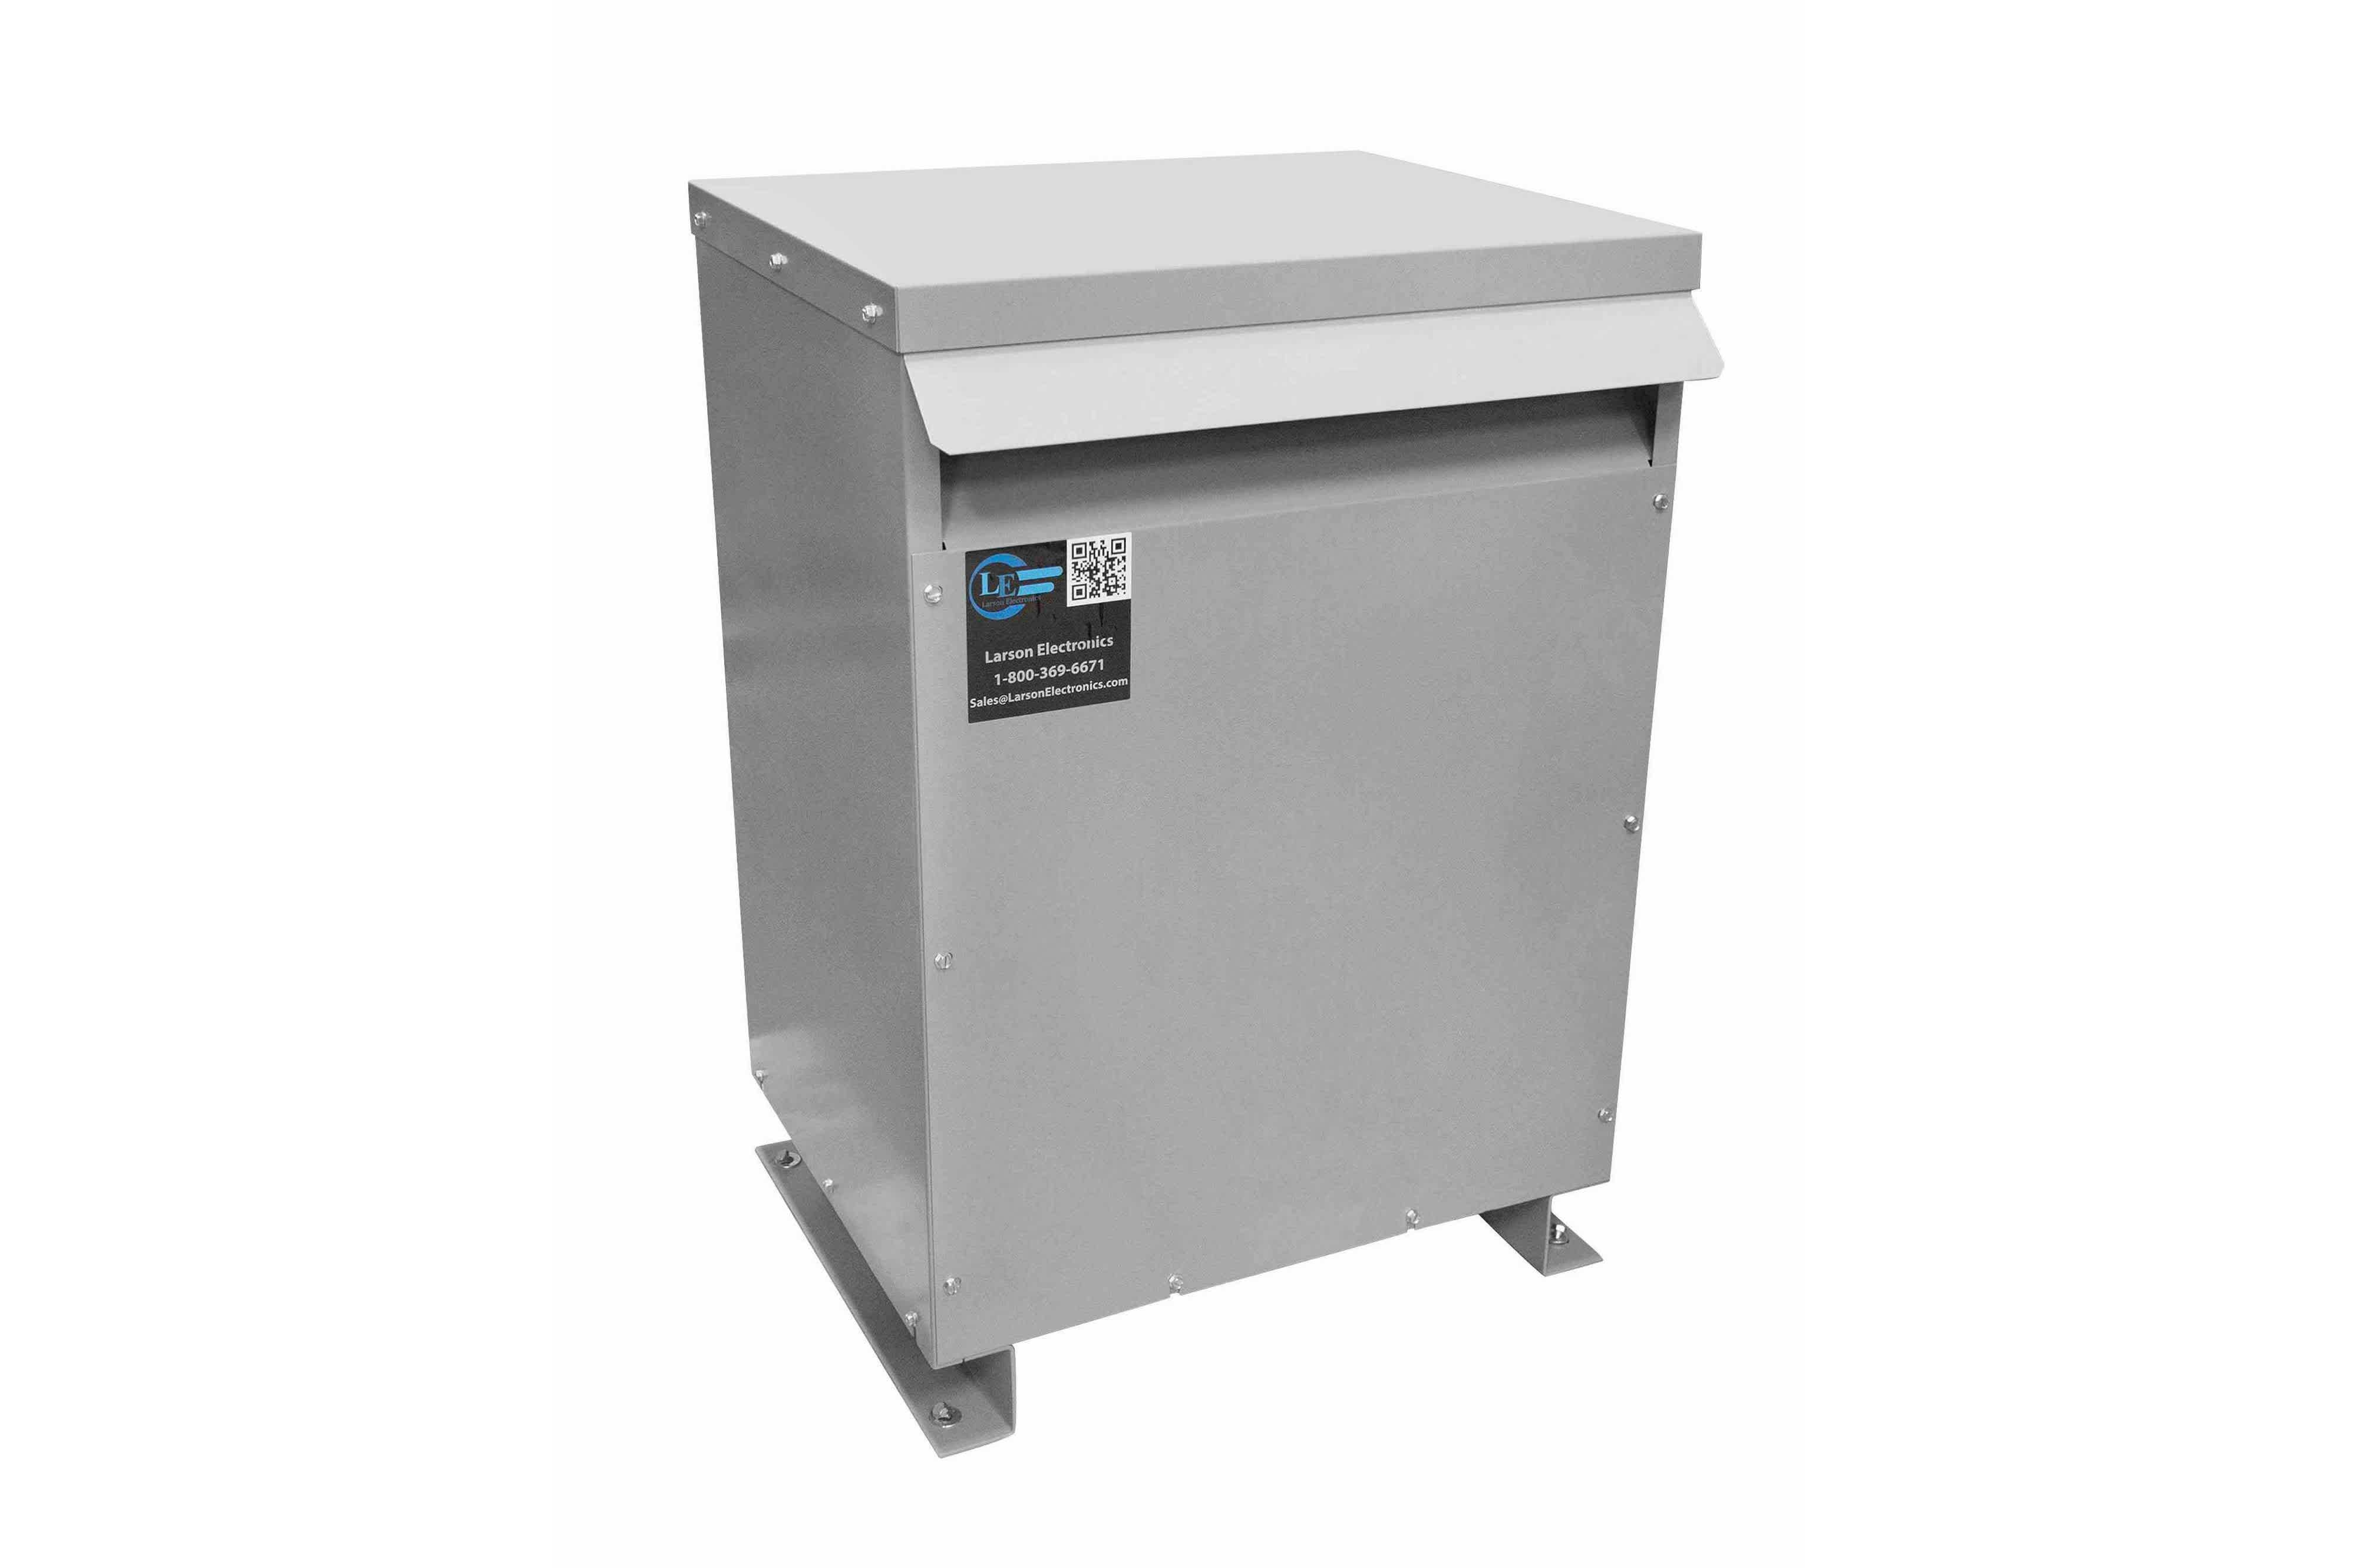 55 kVA 3PH Isolation Transformer, 460V Delta Primary, 240 Delta Secondary, N3R, Ventilated, 60 Hz